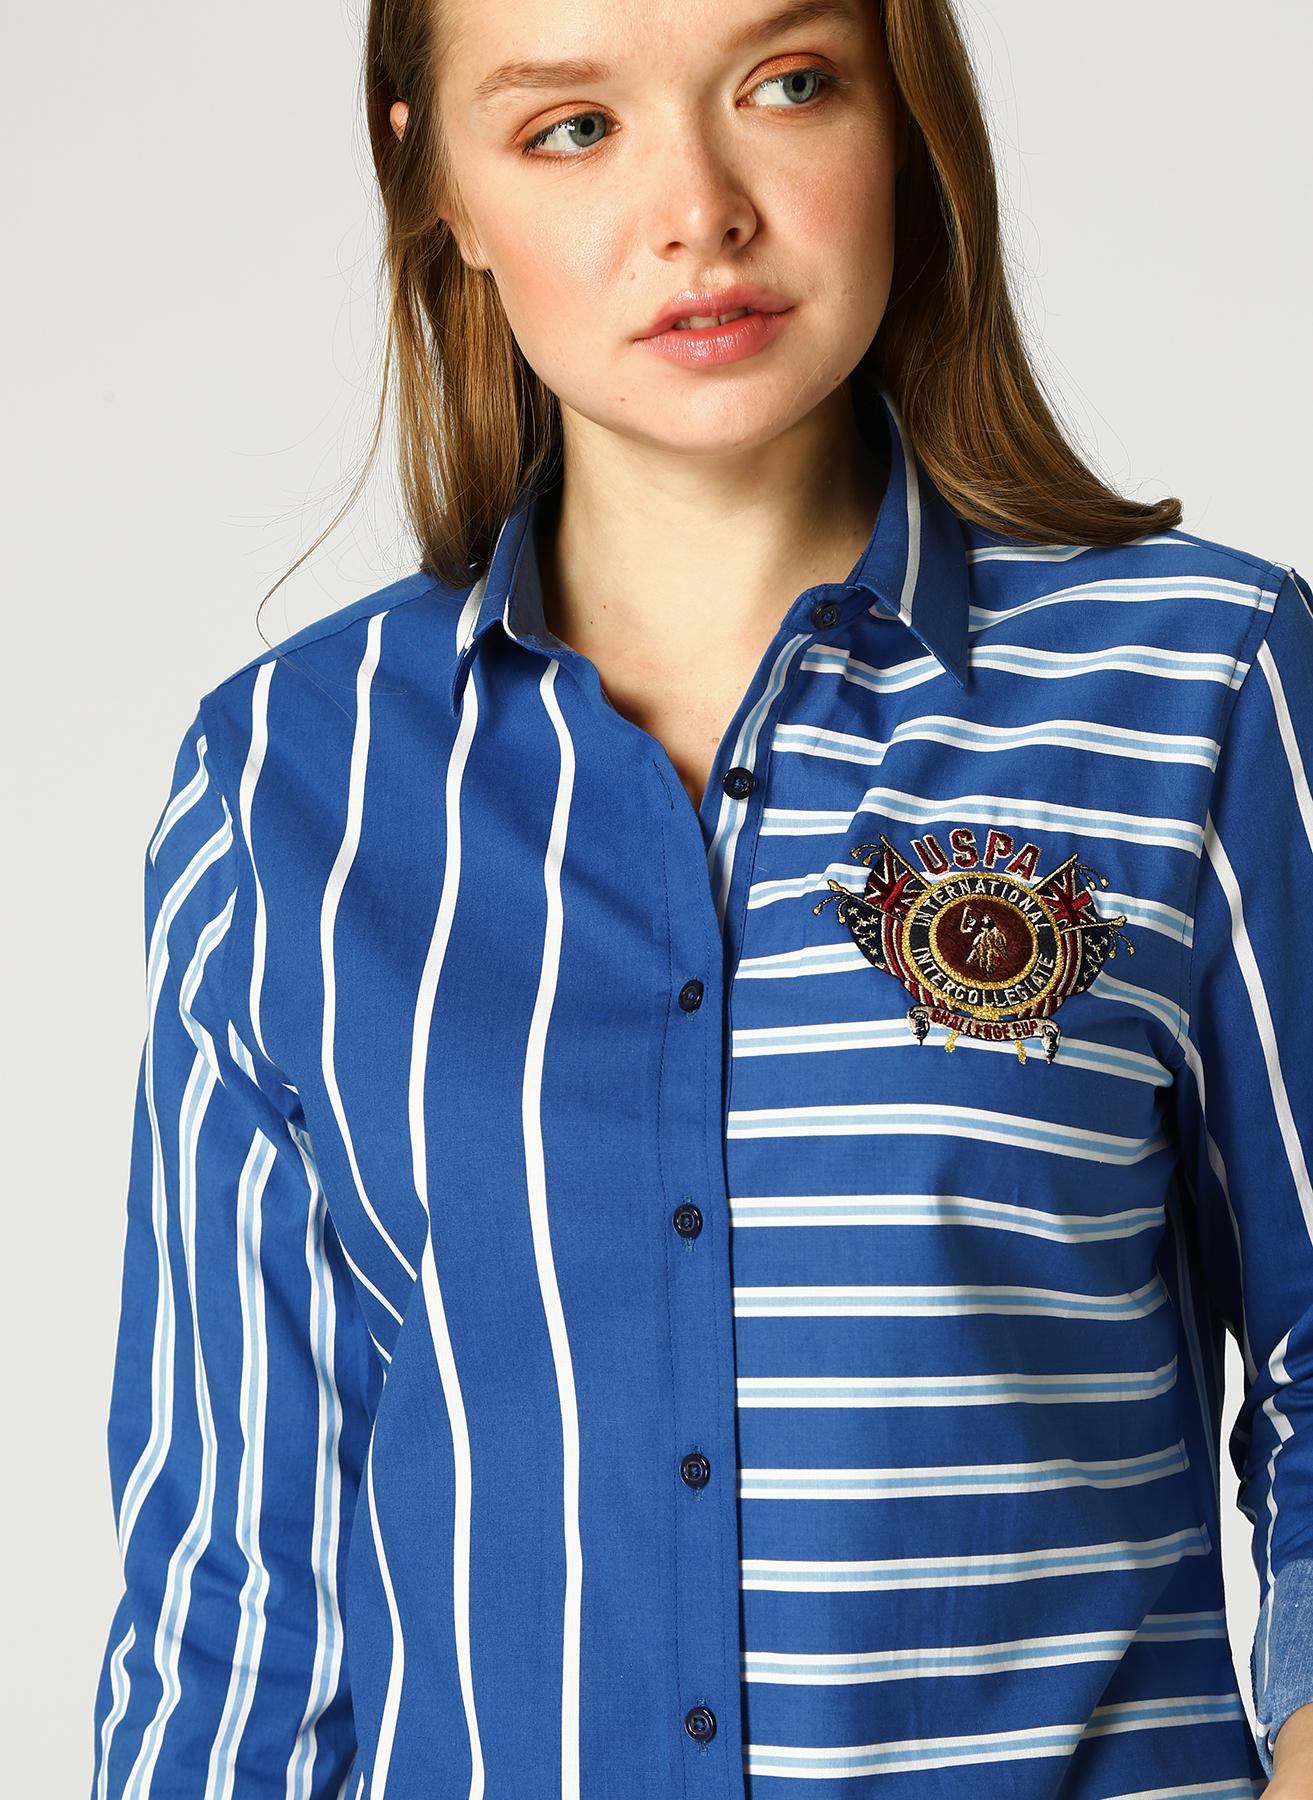 U.S. Polo Assn. Çizgili Lacivert Gömlek 34 5001733309004 Ürün Resmi